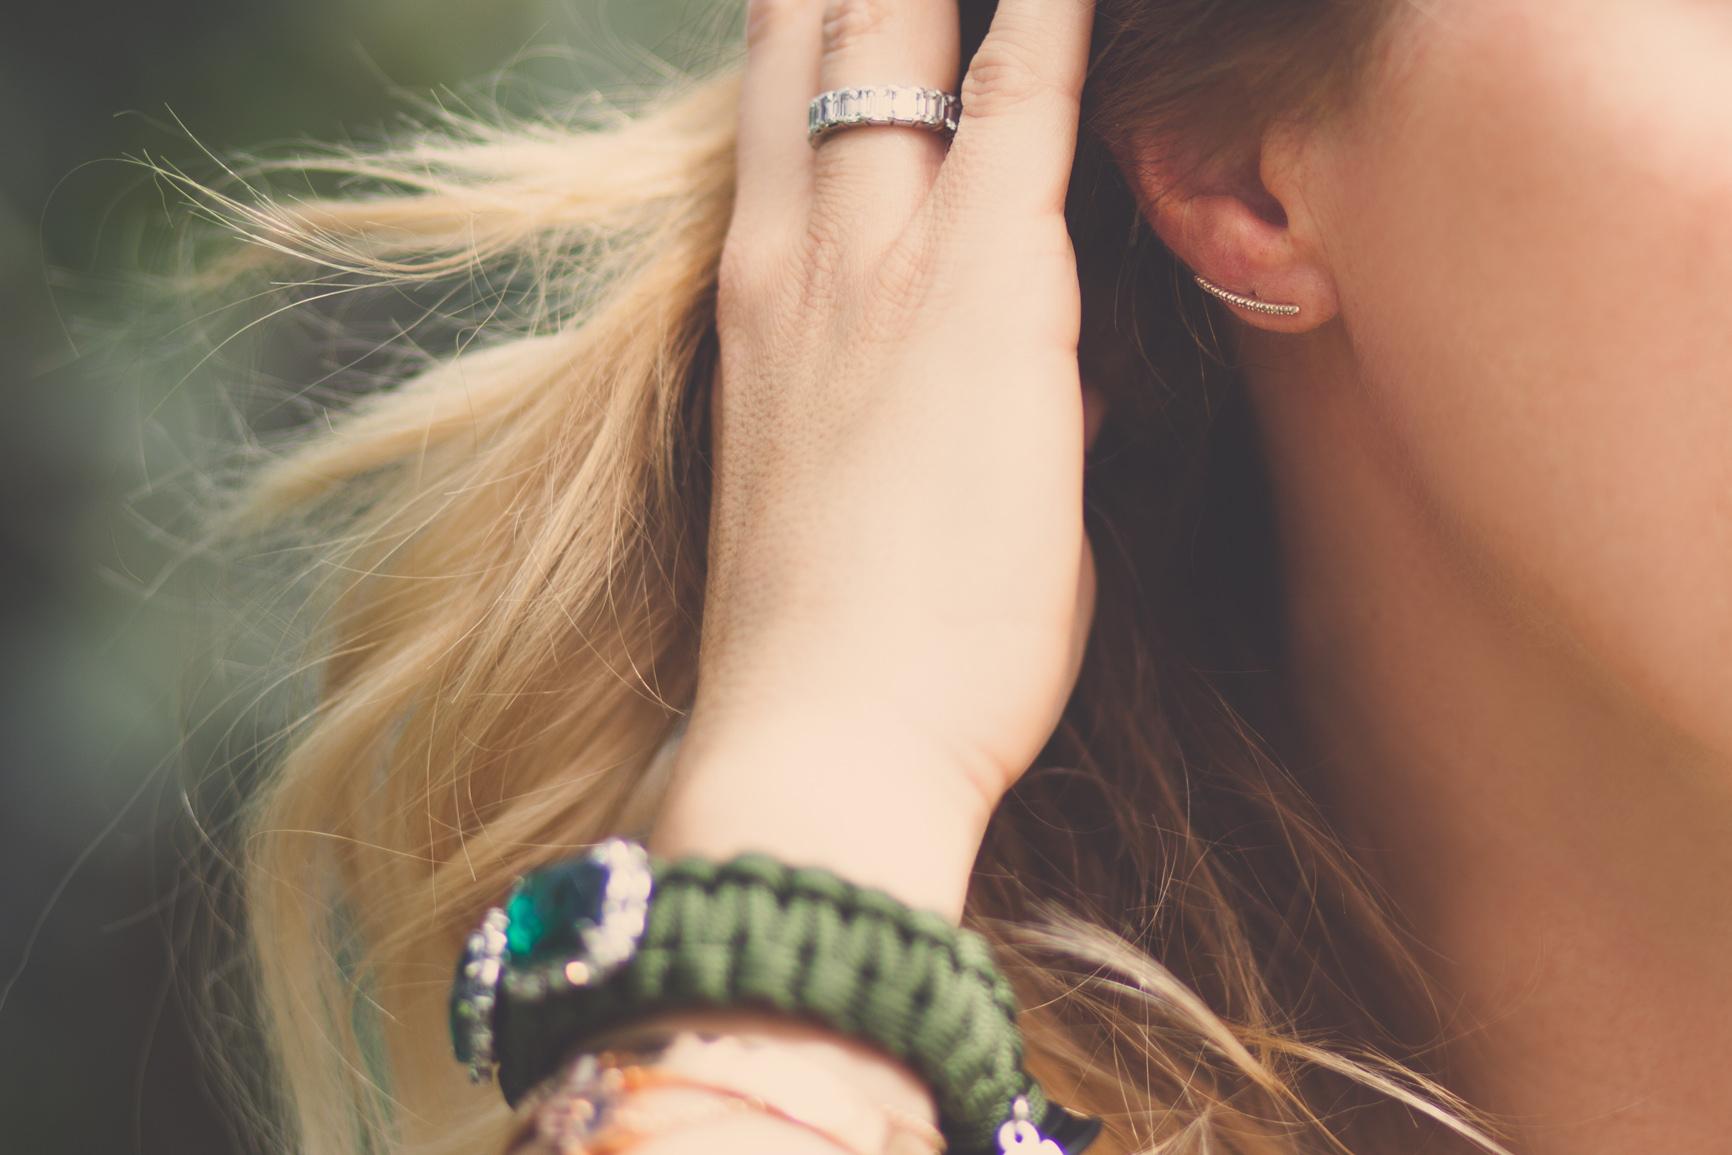 mademoiselle jules mlle greenhouse kettlebell bracelet pamelalove earrings